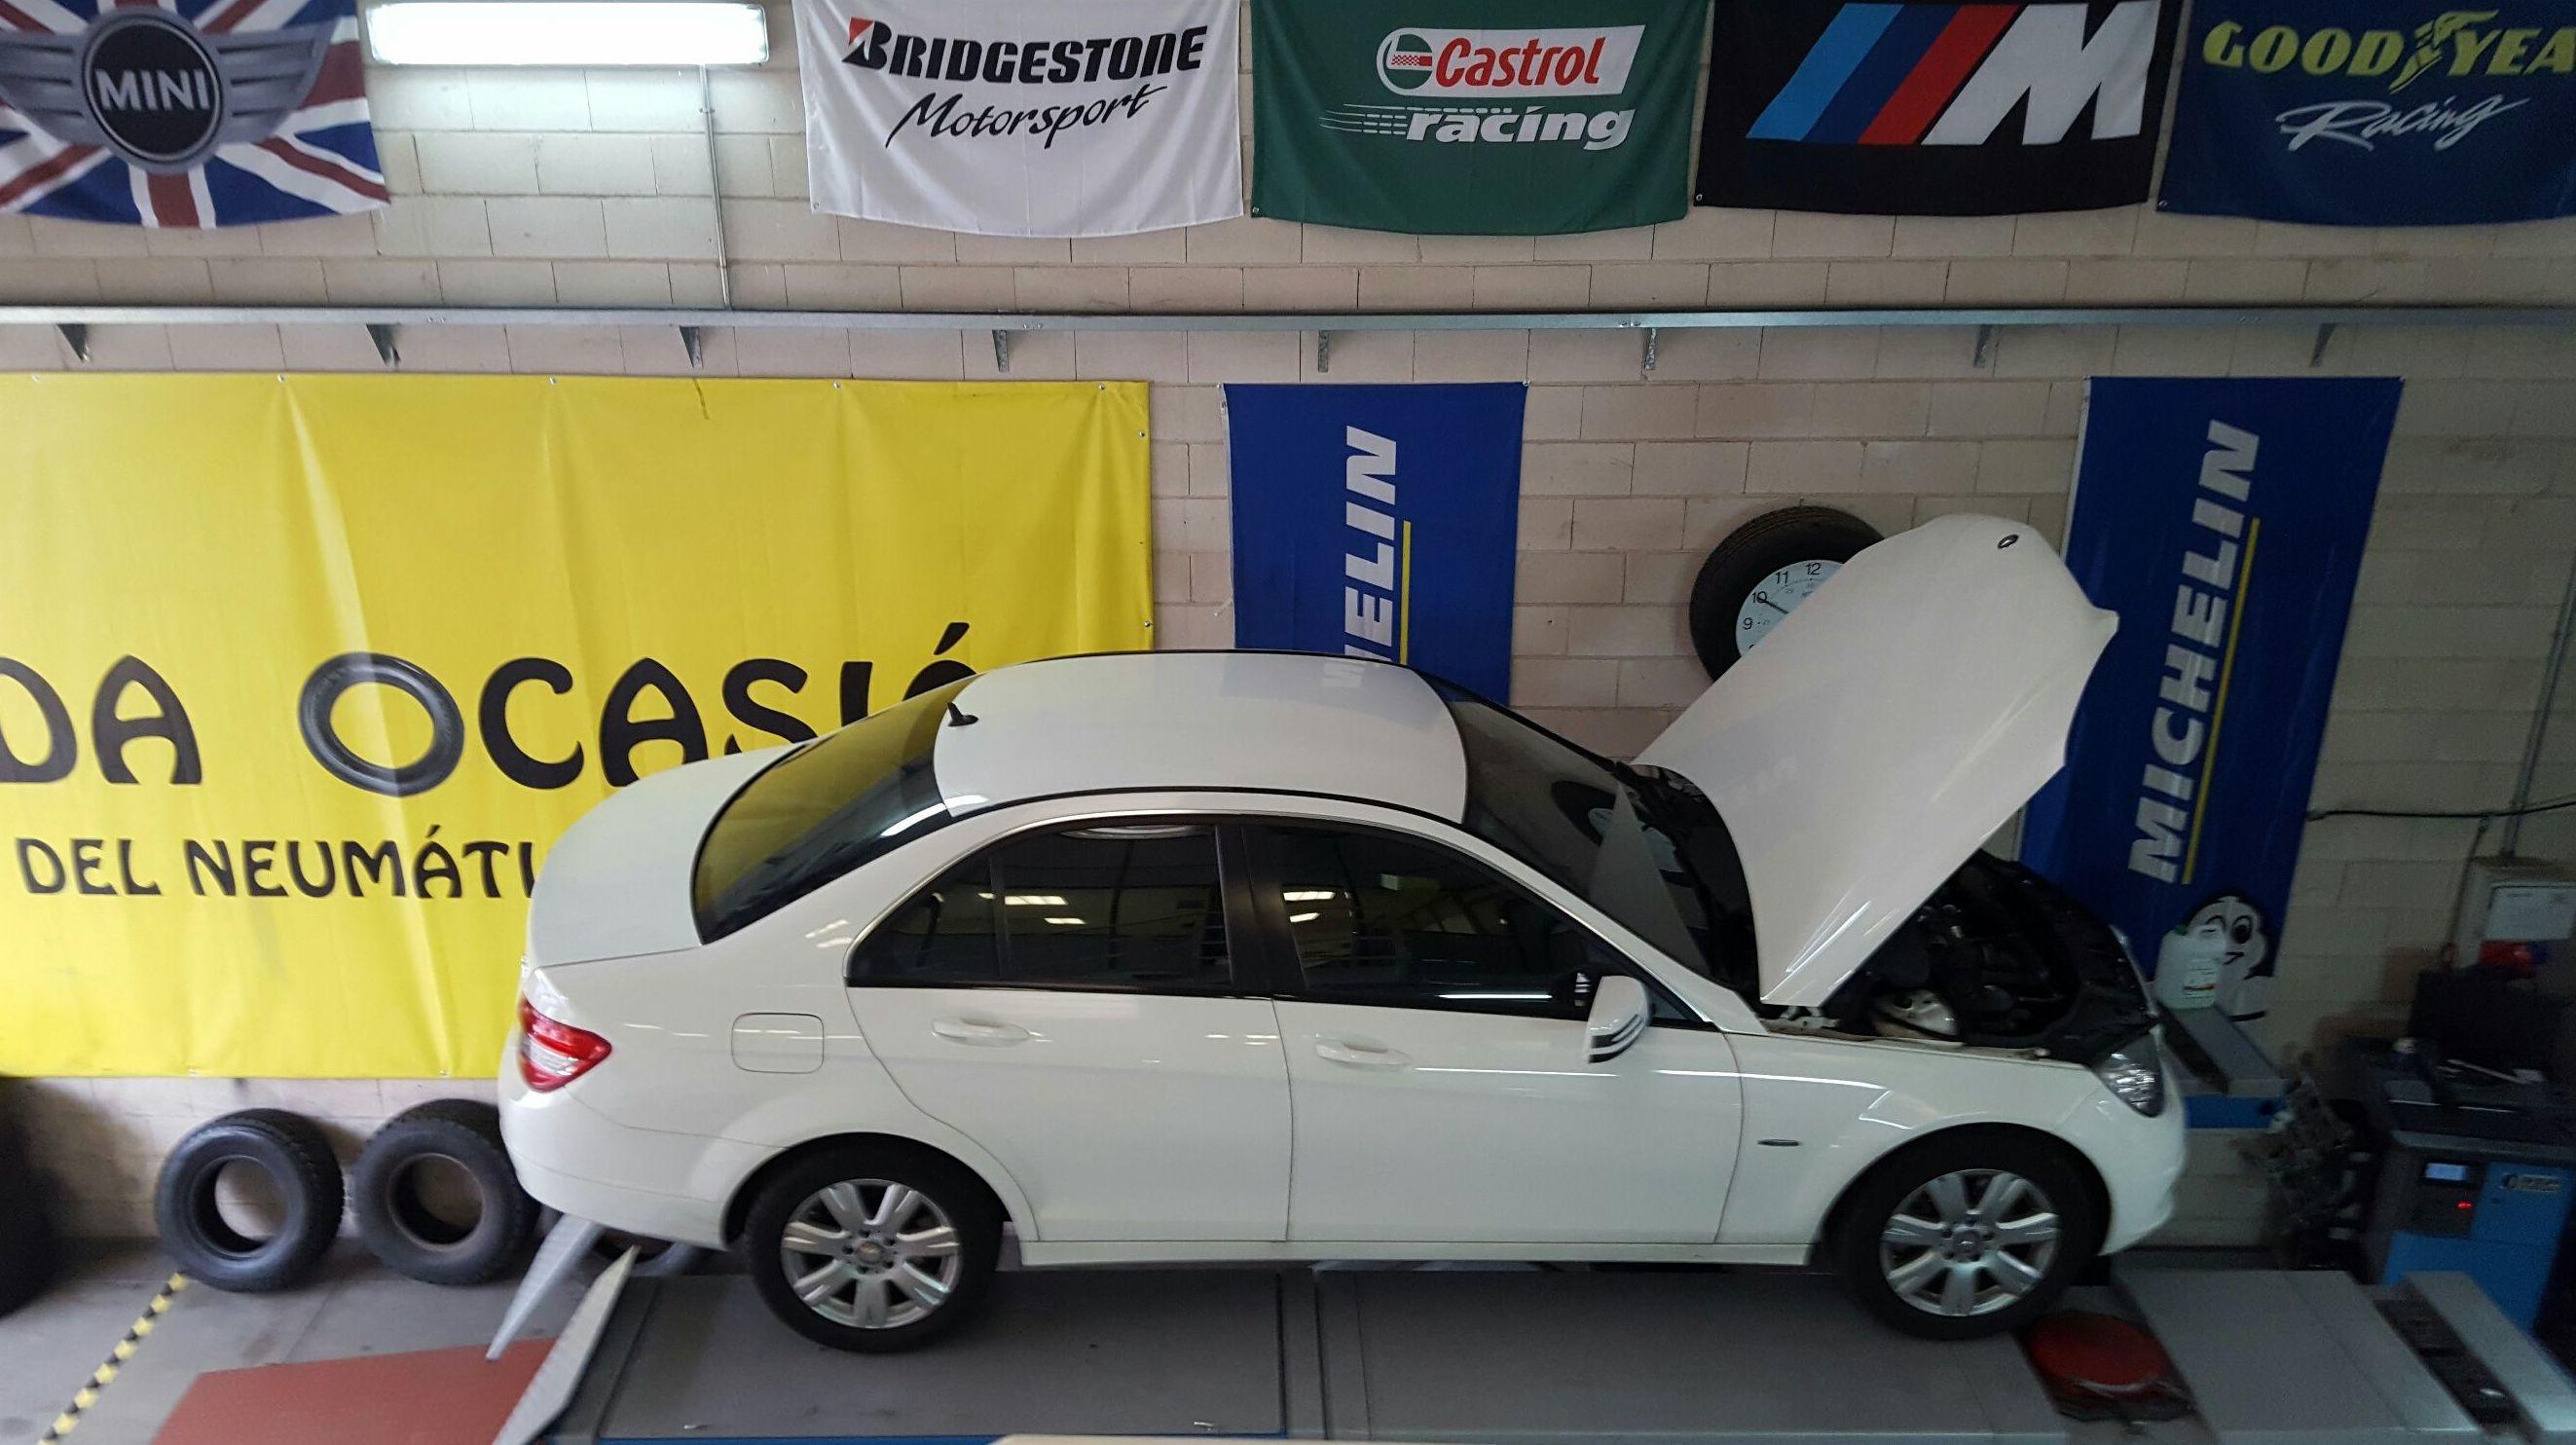 Revisiones para vehículos en Colmenar Viejo a buen precio¡¡